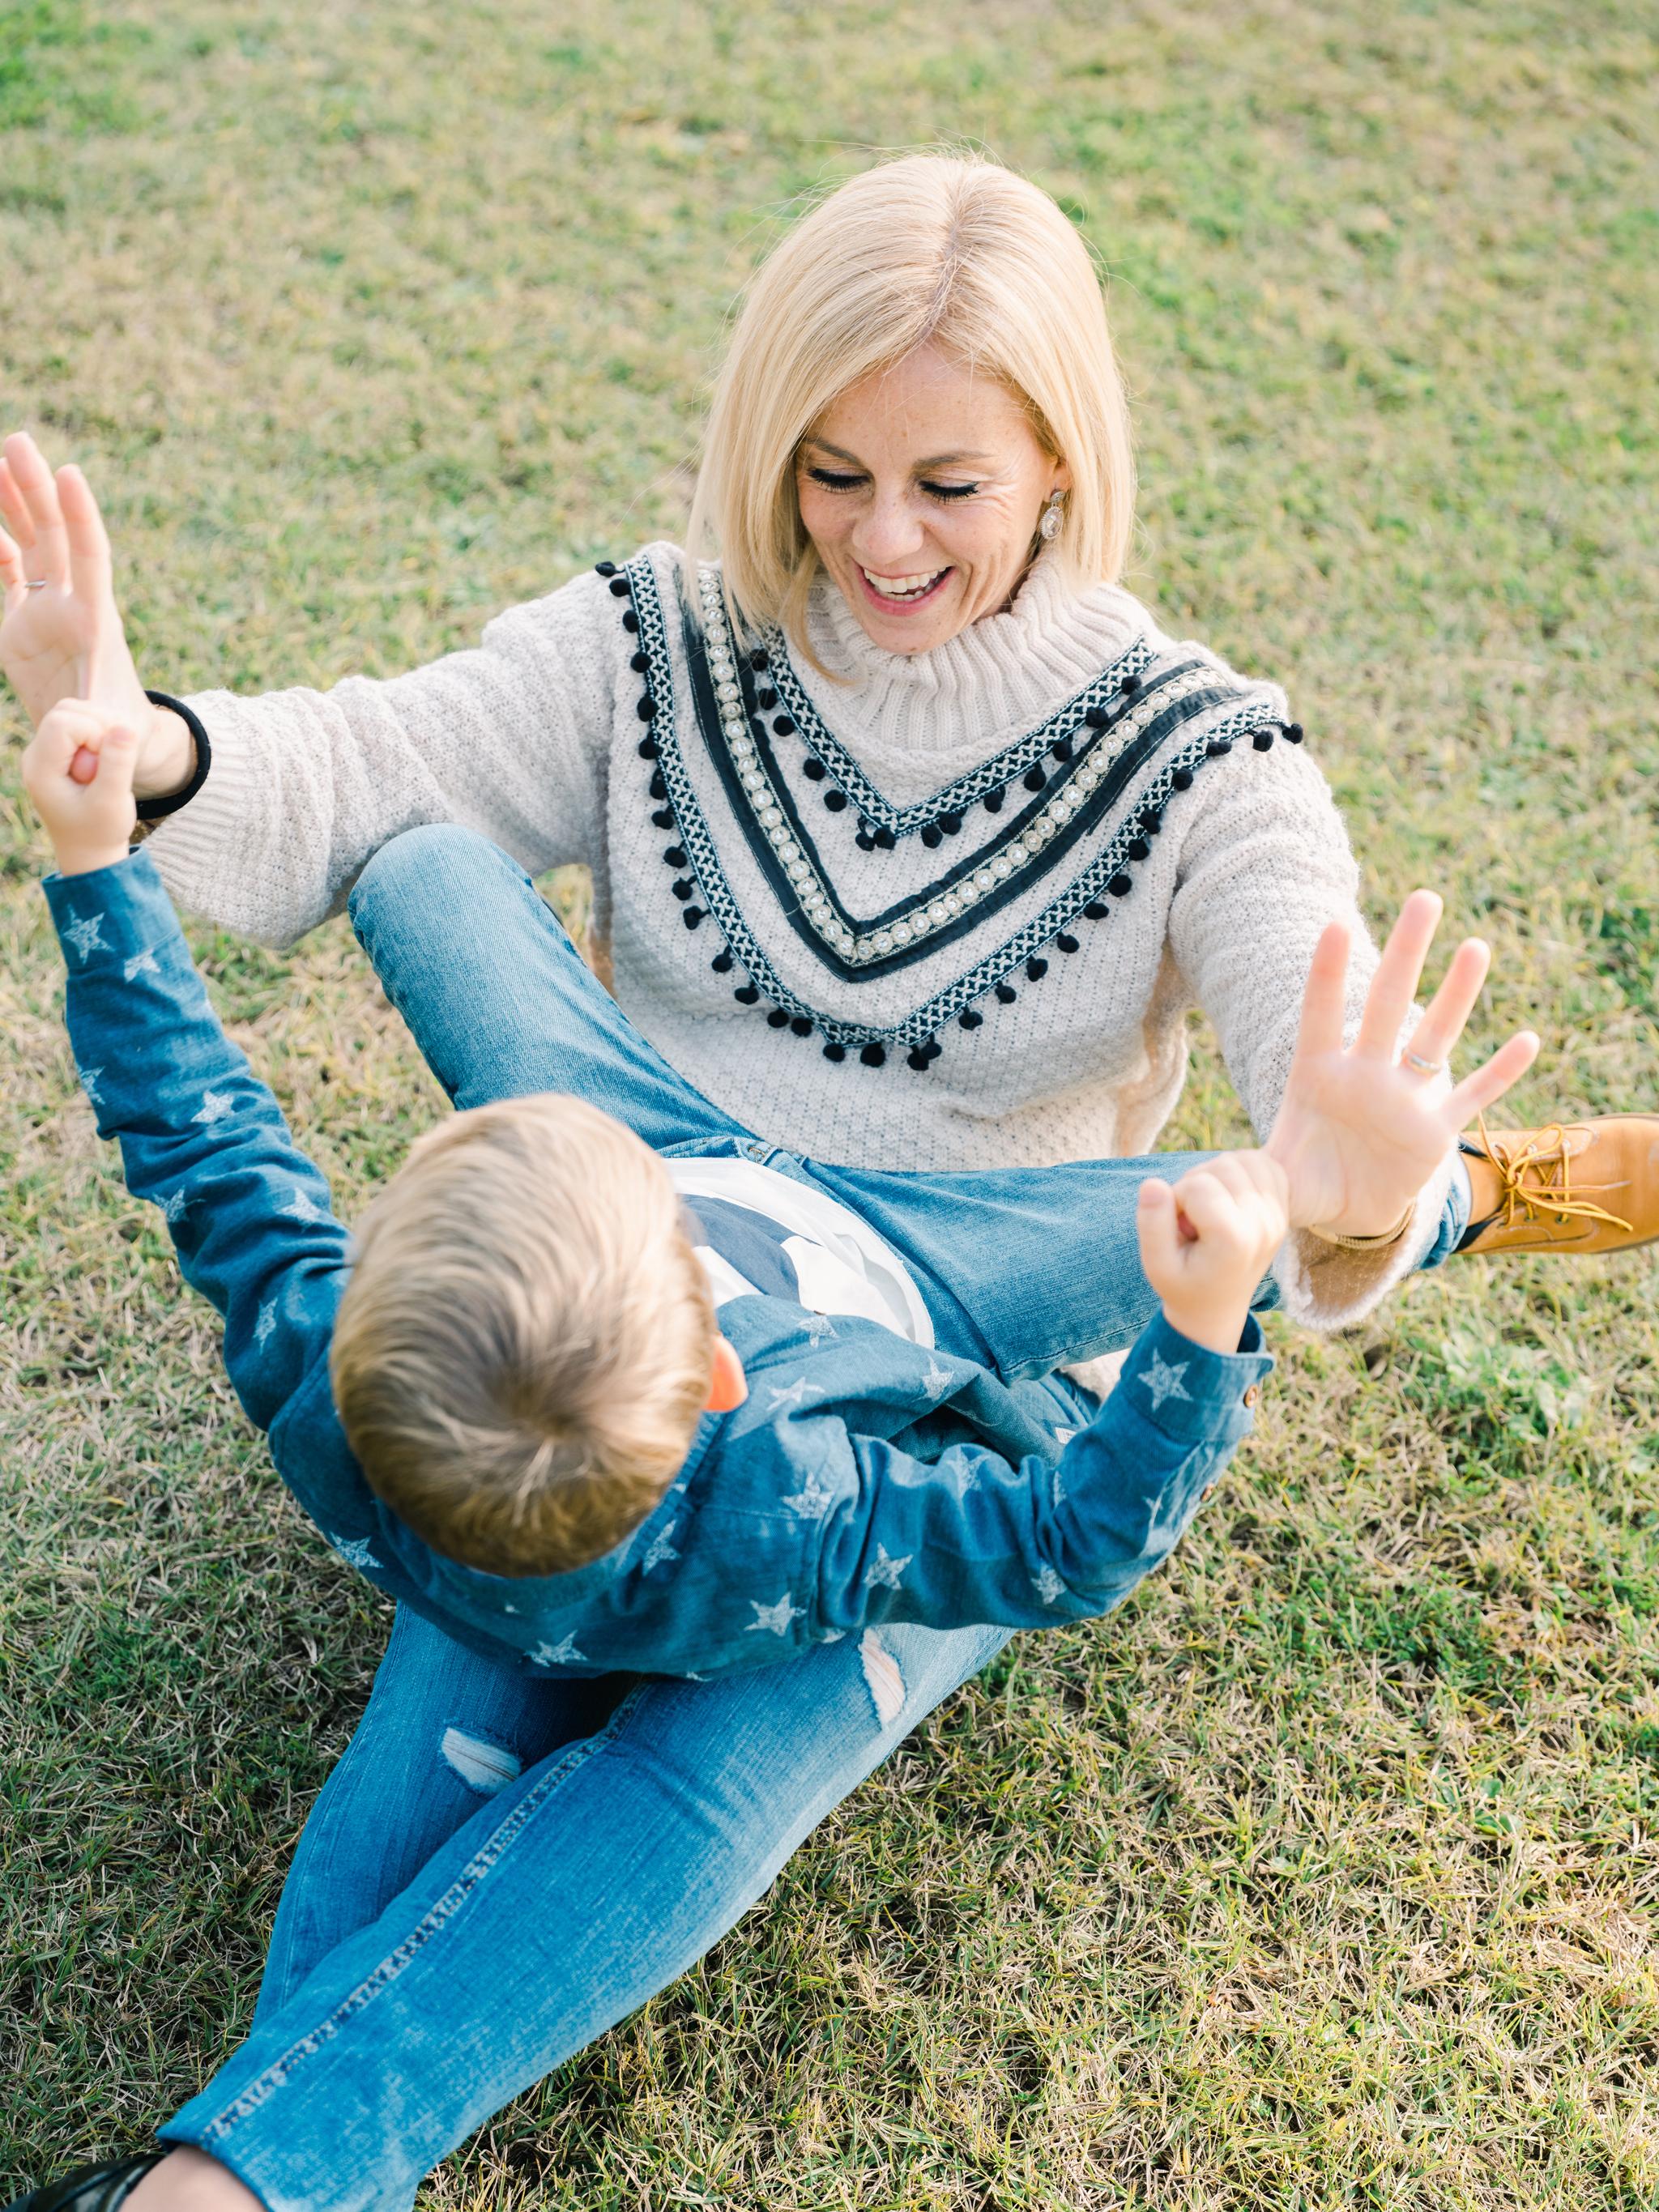 fotografia infantil y familiar09.jpg